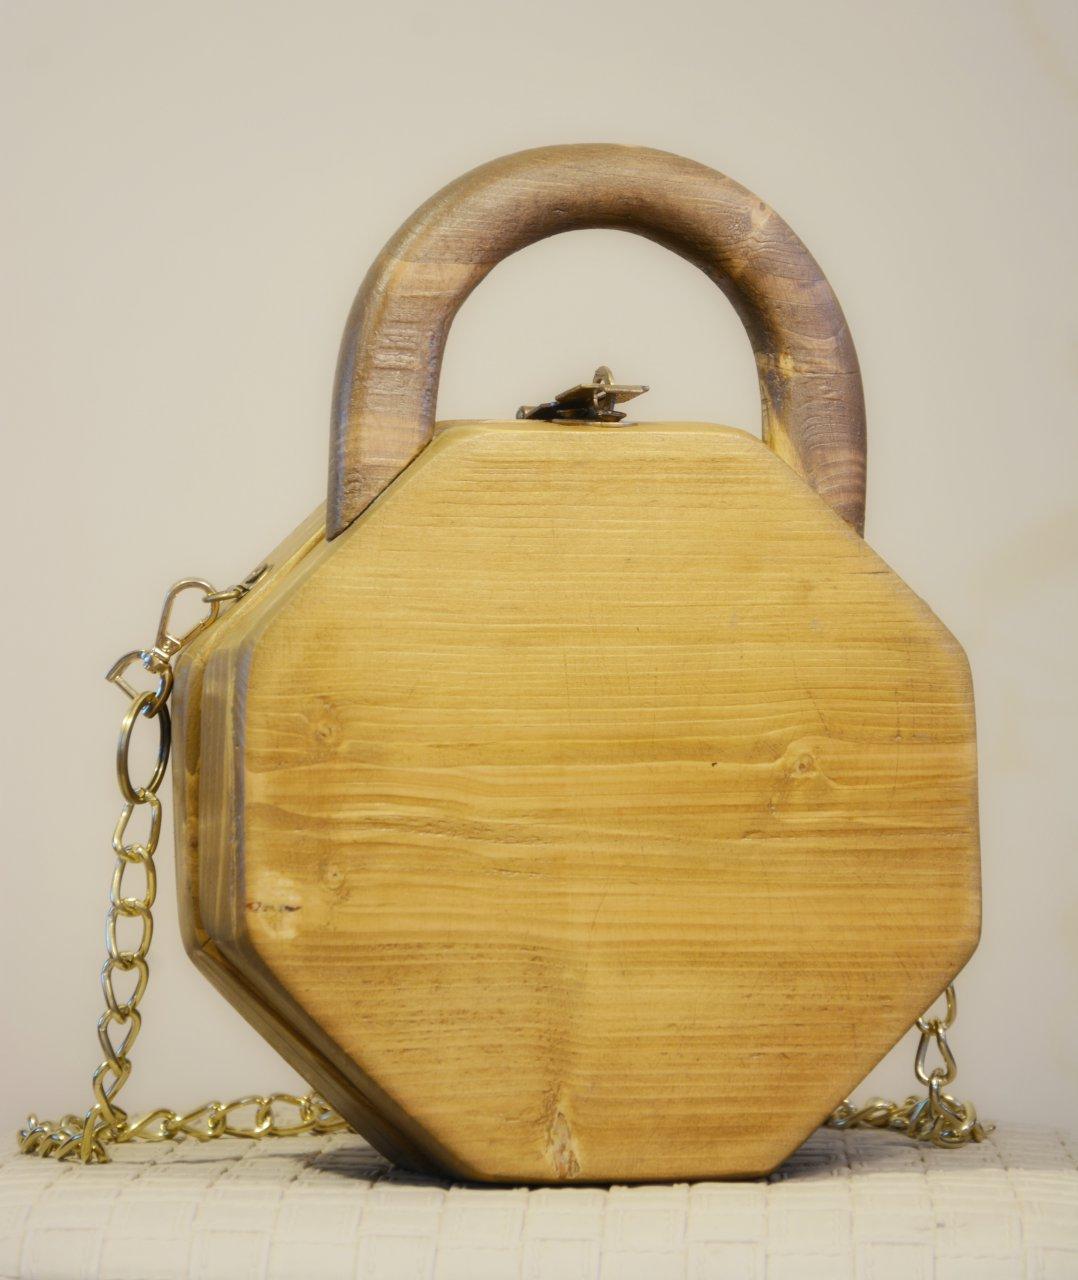 کیف تمام چوب مدل بهار